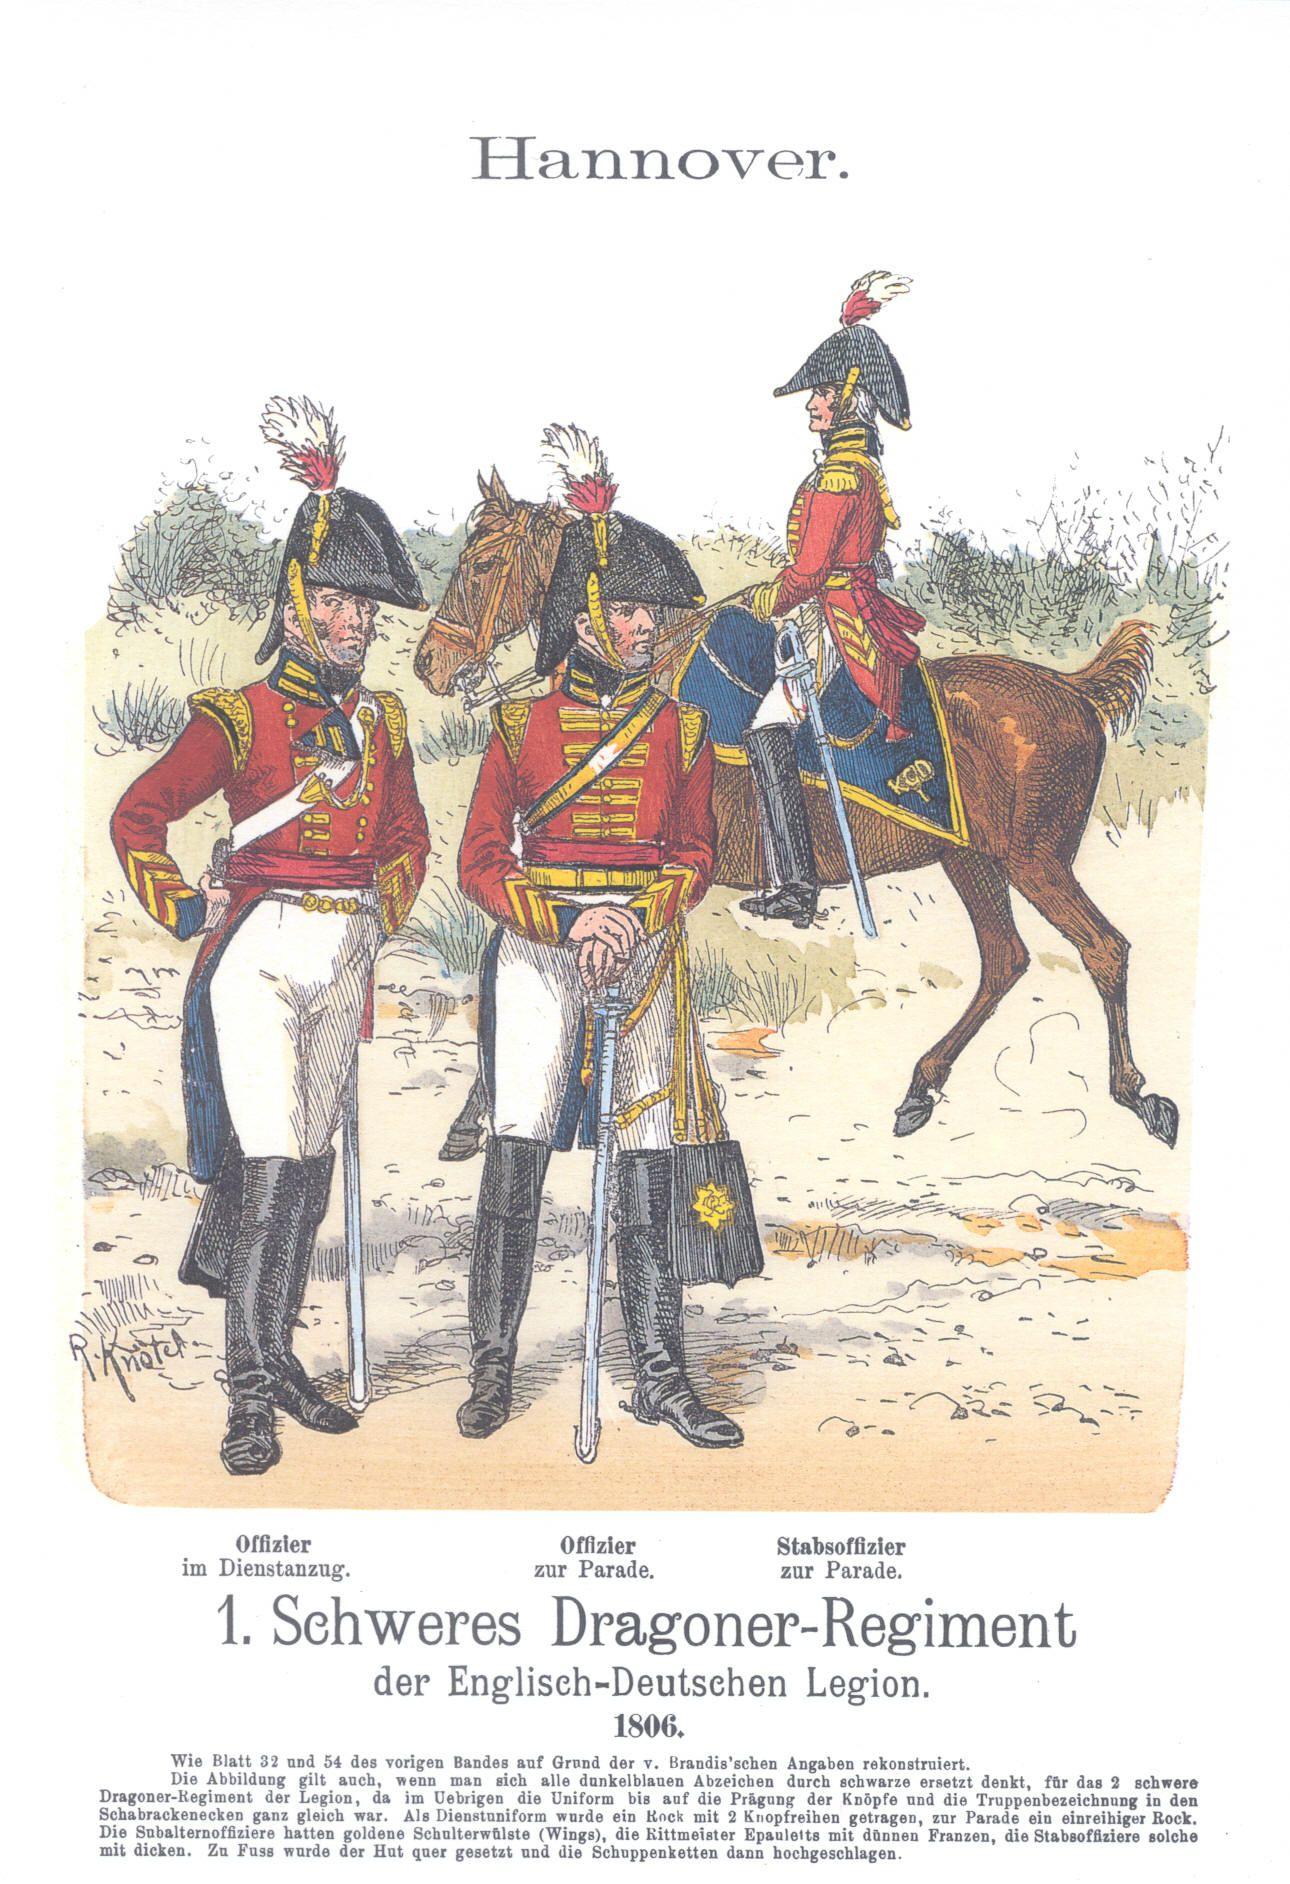 Offizier Englisch